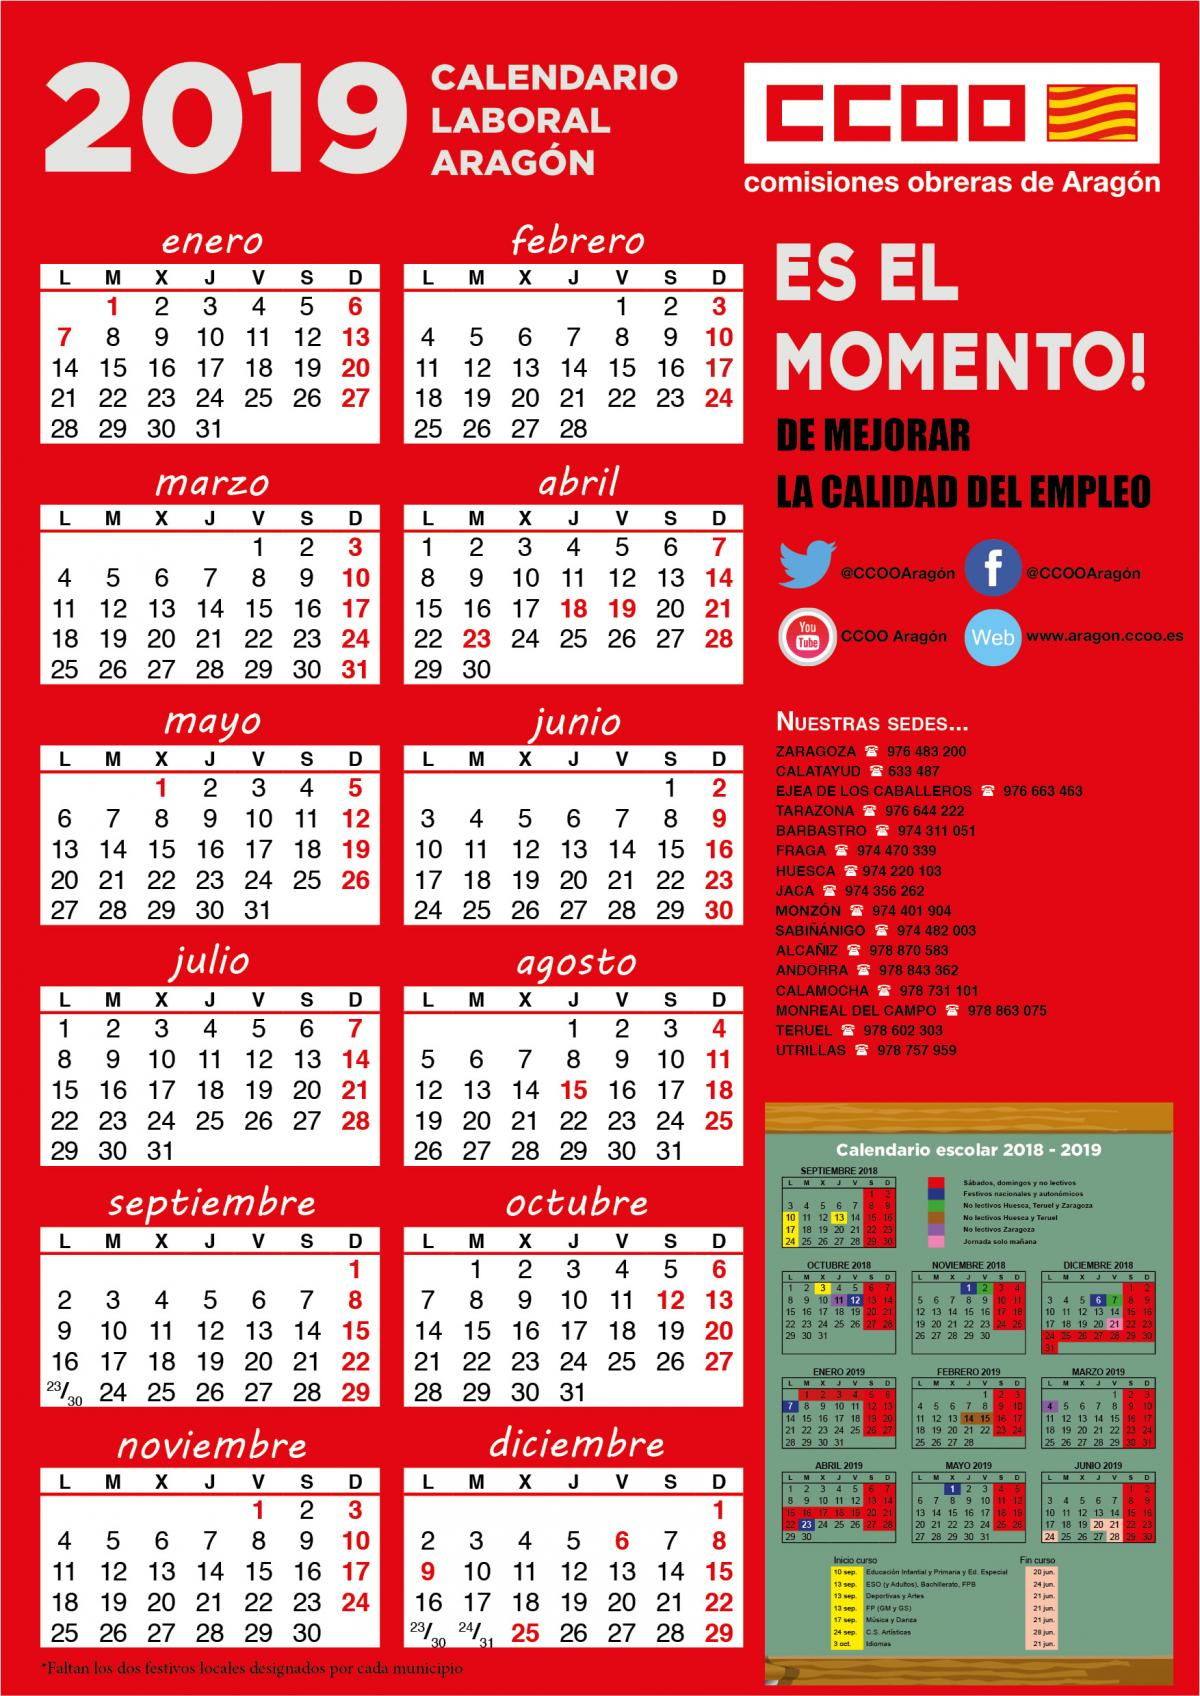 Calendario Laboral Cataluna 2019.Comisiones Obreras De Aragon